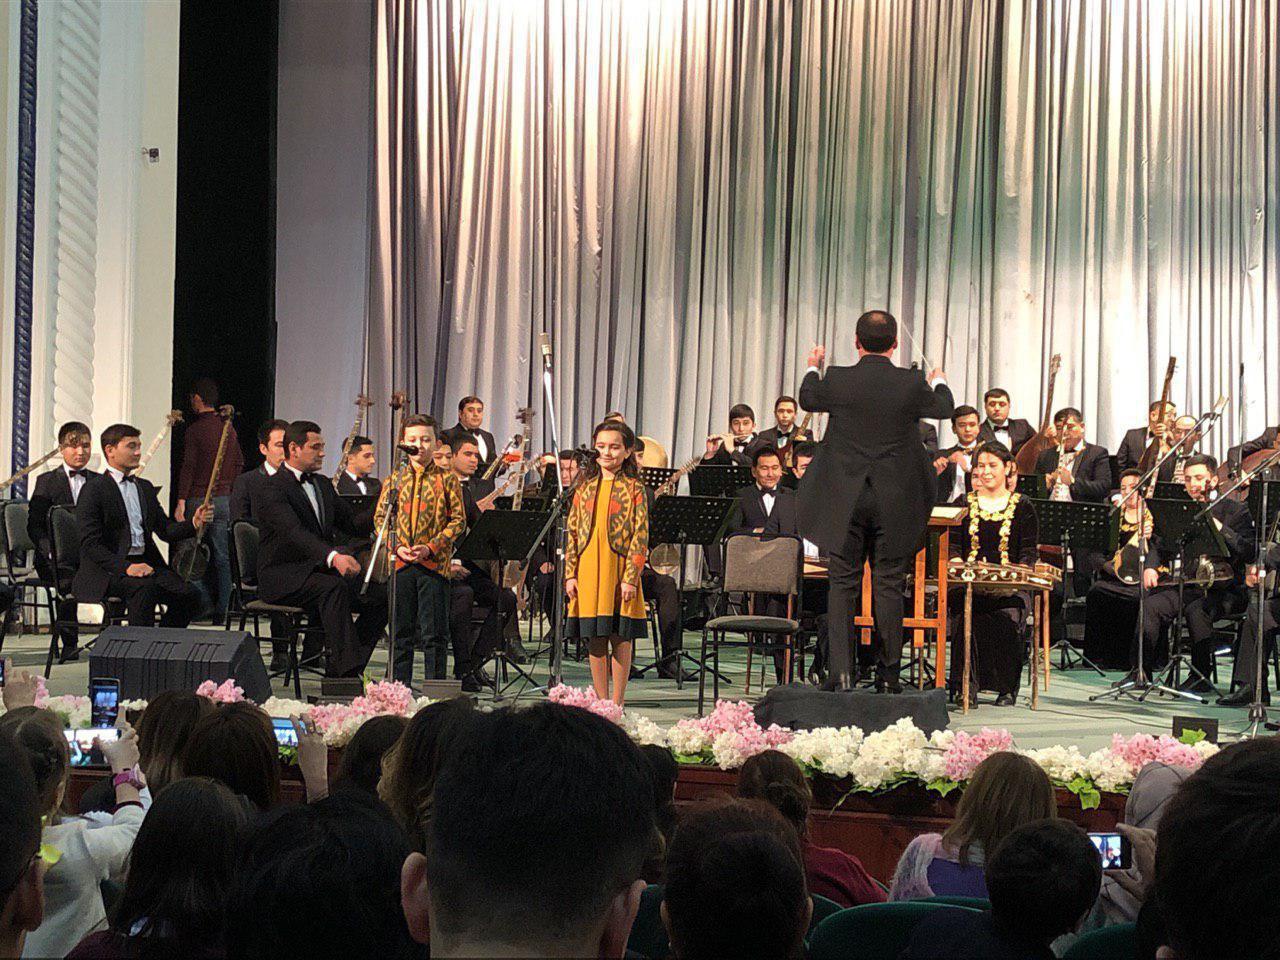 «Композитор жив, пока звучит его музыка»: к 100-летию Фаттаха Назарова